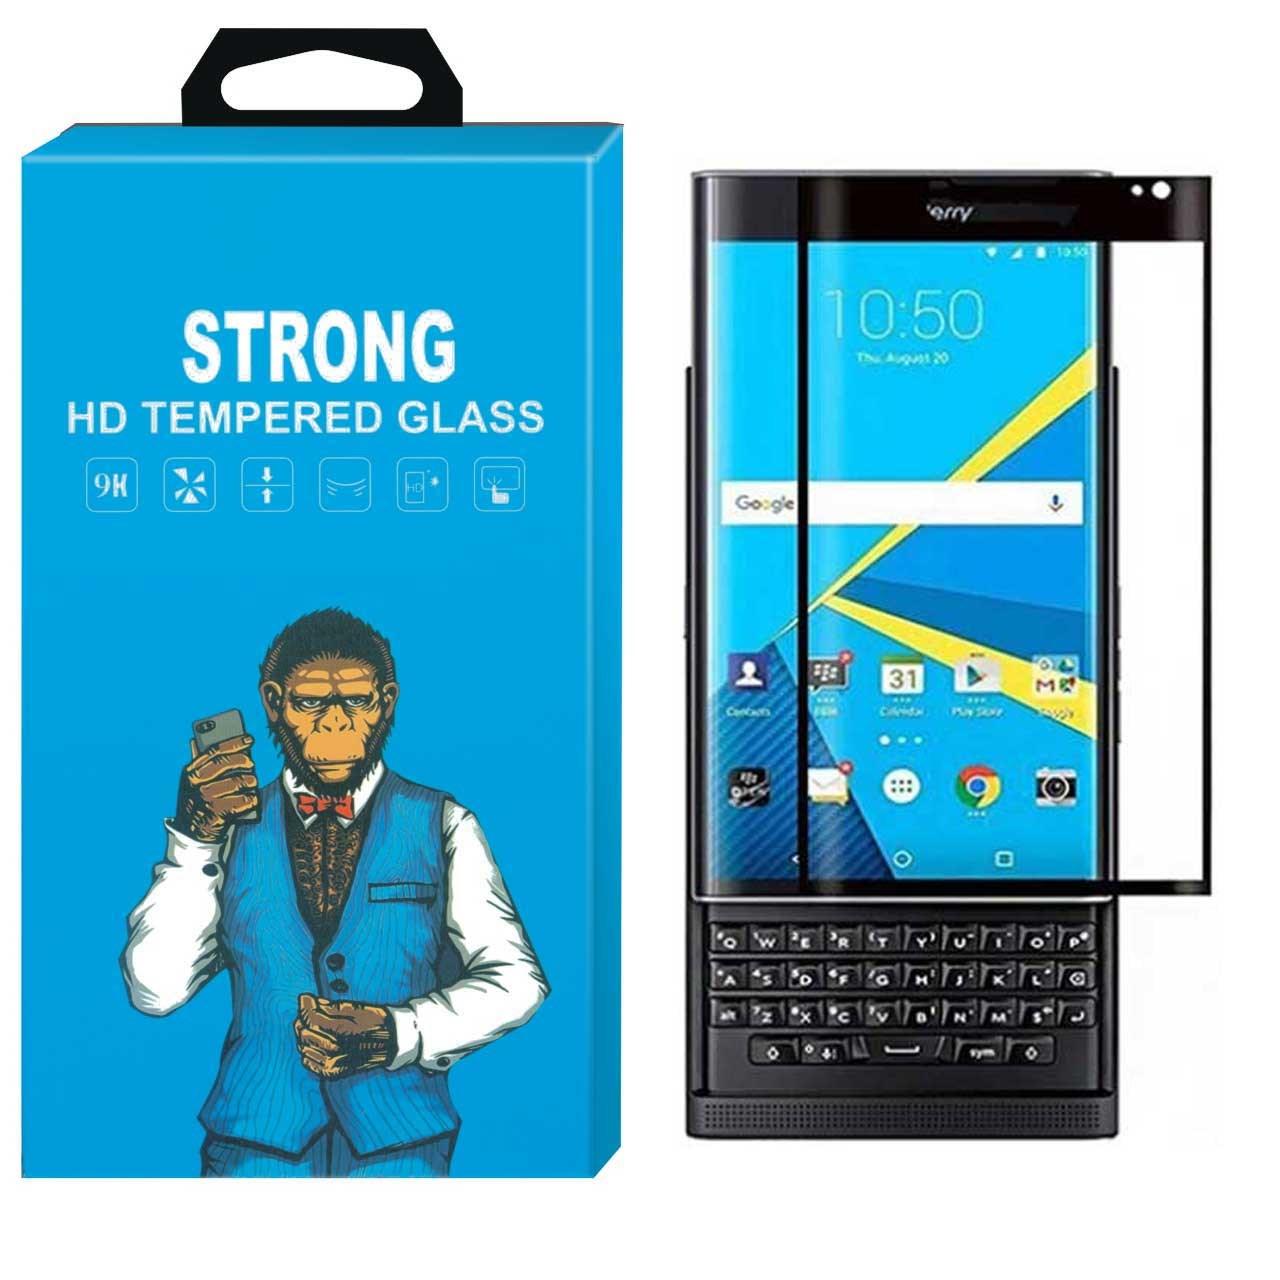 محافظ صفحه نمایش شیشه ای Full cover مانکی مدلStrong مناسب برای گوشی بلک بری Priv